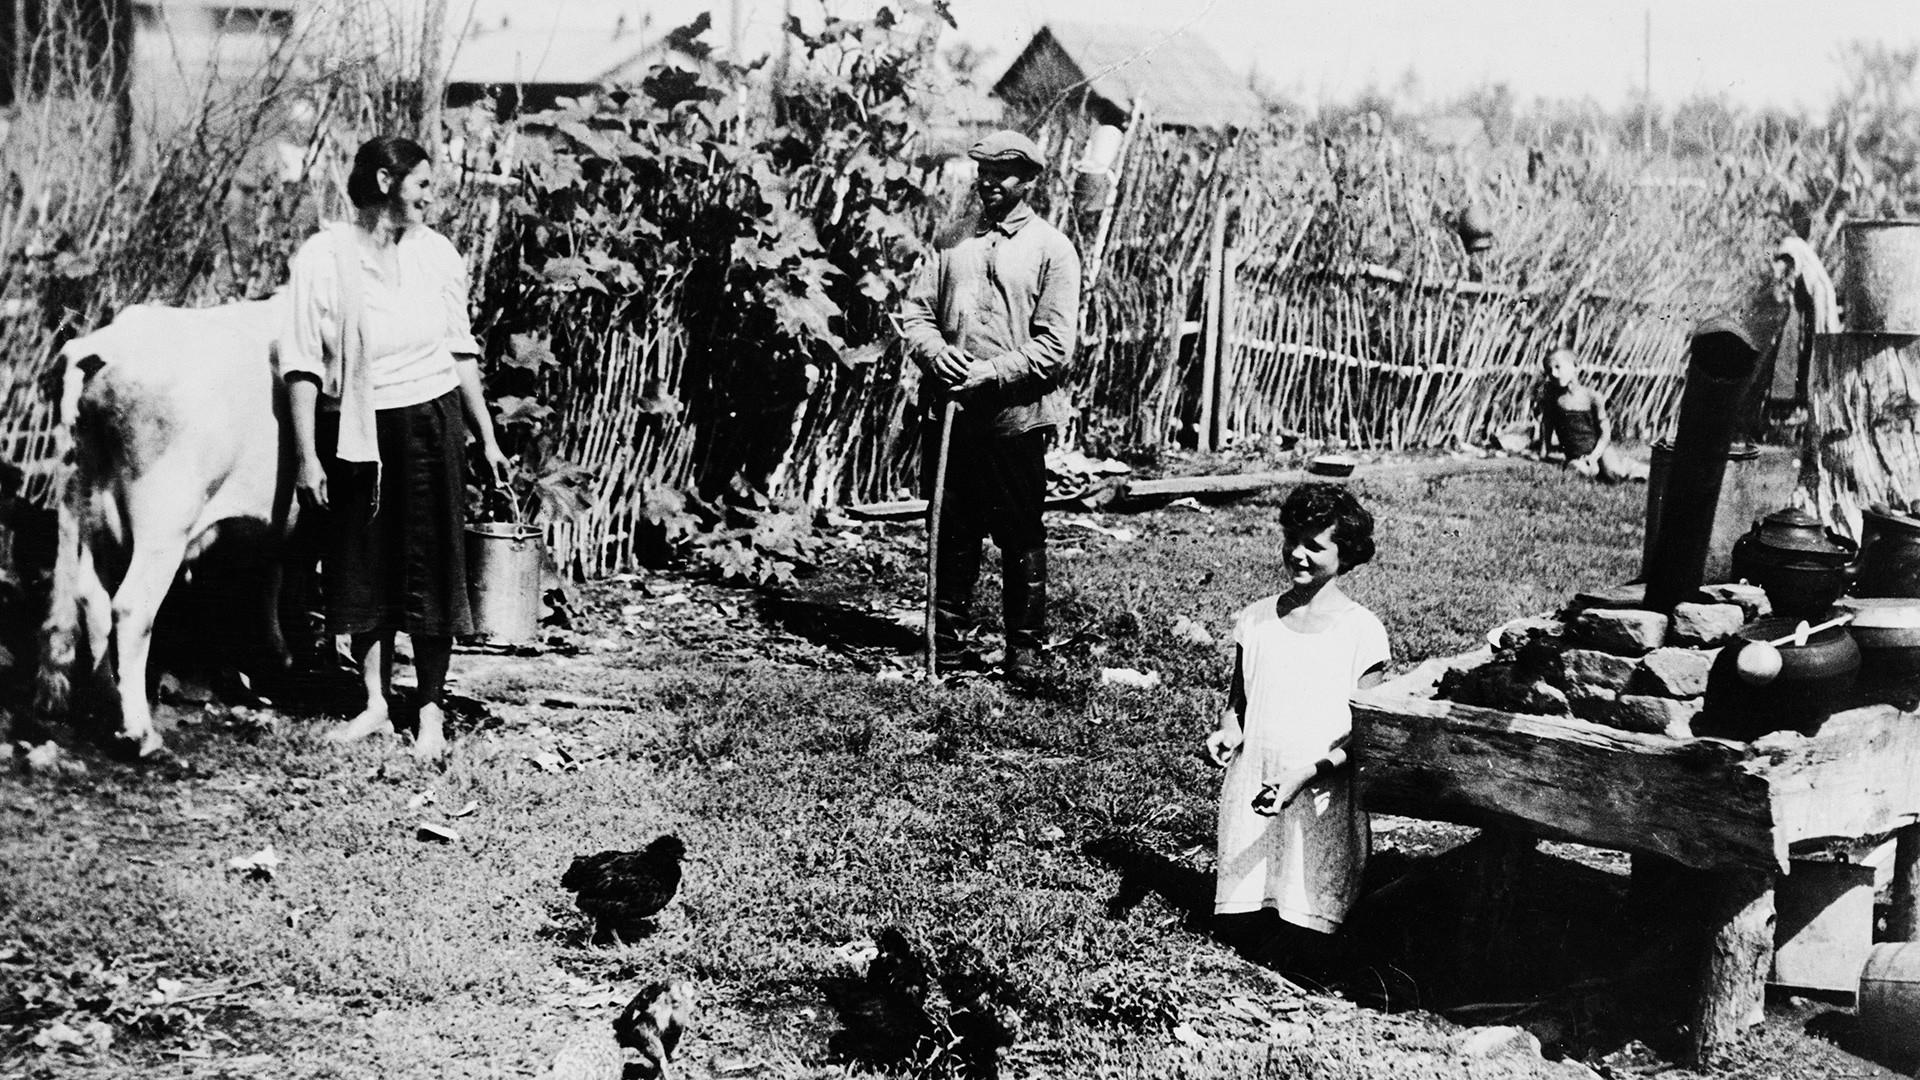 集団農場のミハイル・ゲフェン、妻のセイナと娘、ビロビジャン